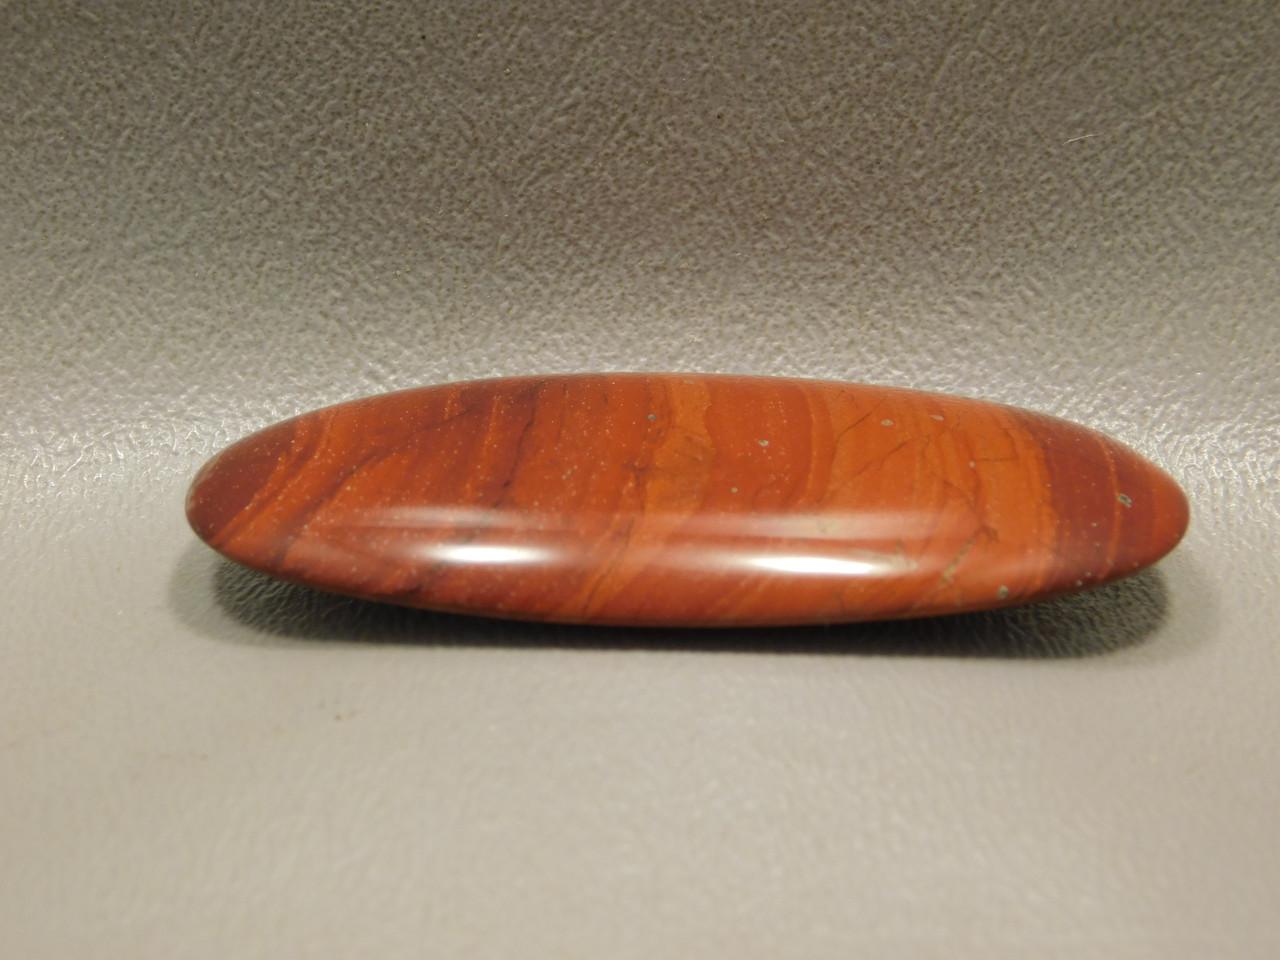 Orangey Red Jasper Cabochon Jewelry Making Supplies #6